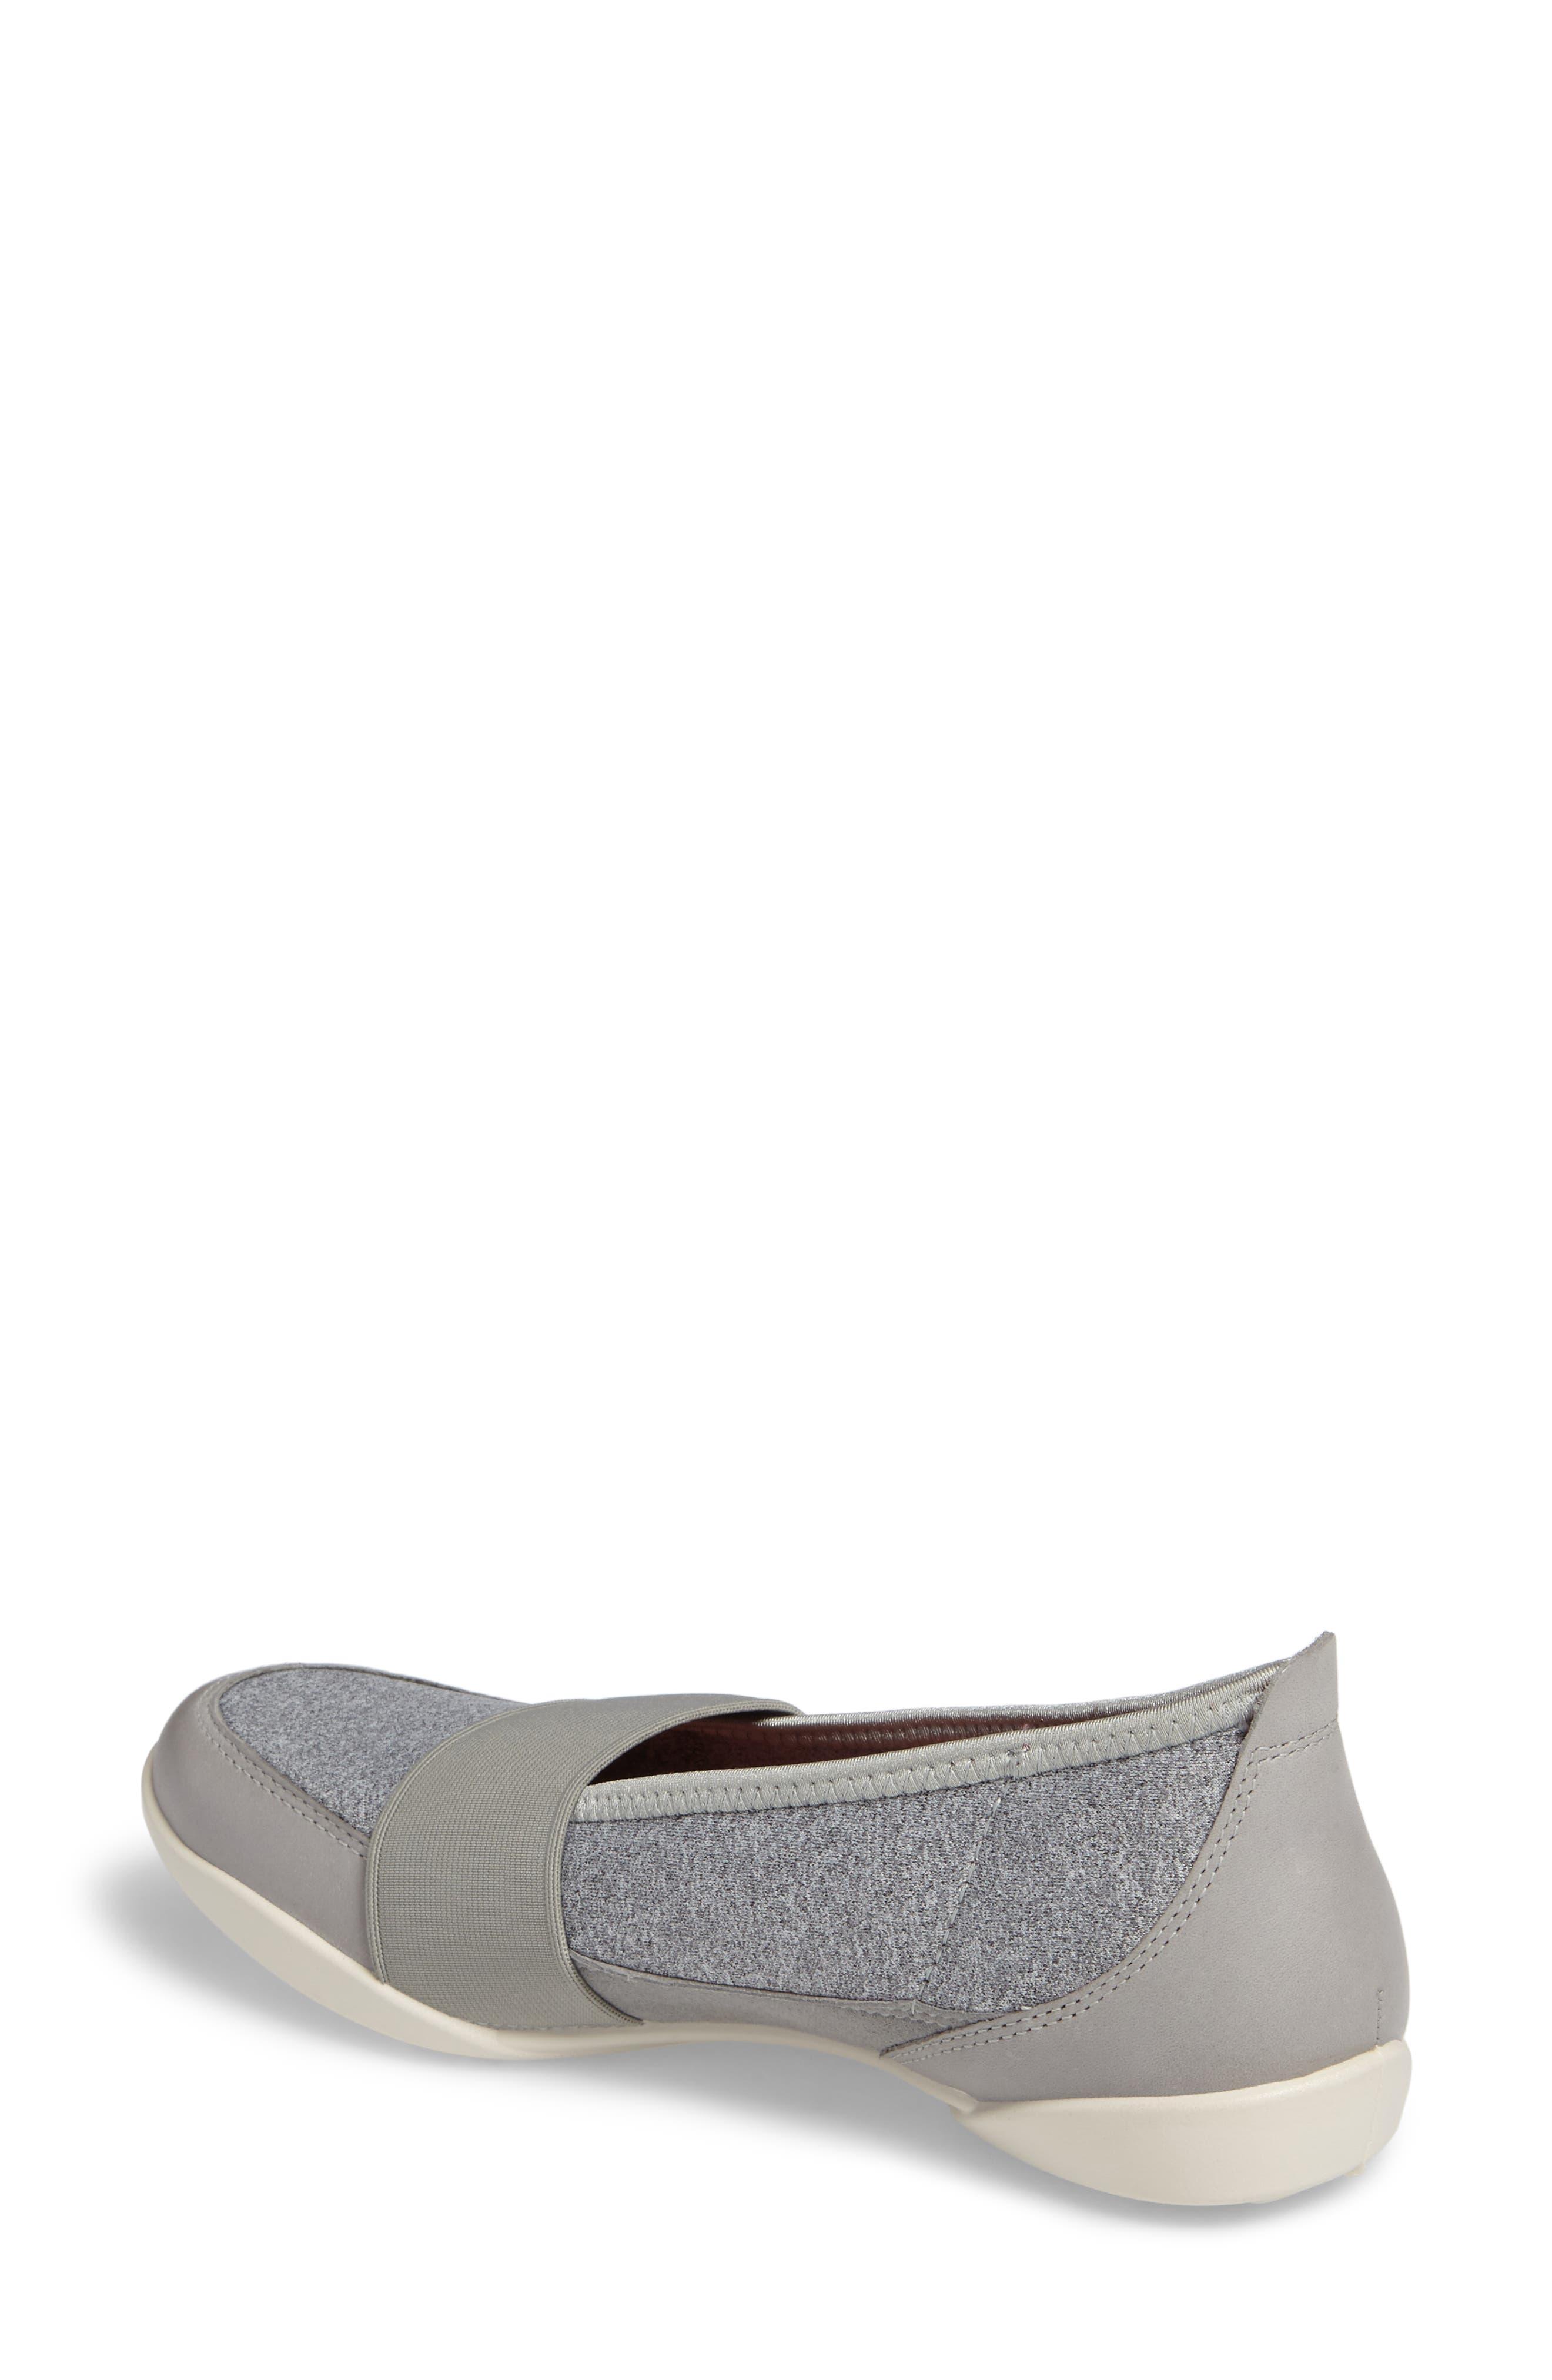 'Bluma' Slip-On Sneaker,                             Alternate thumbnail 8, color,